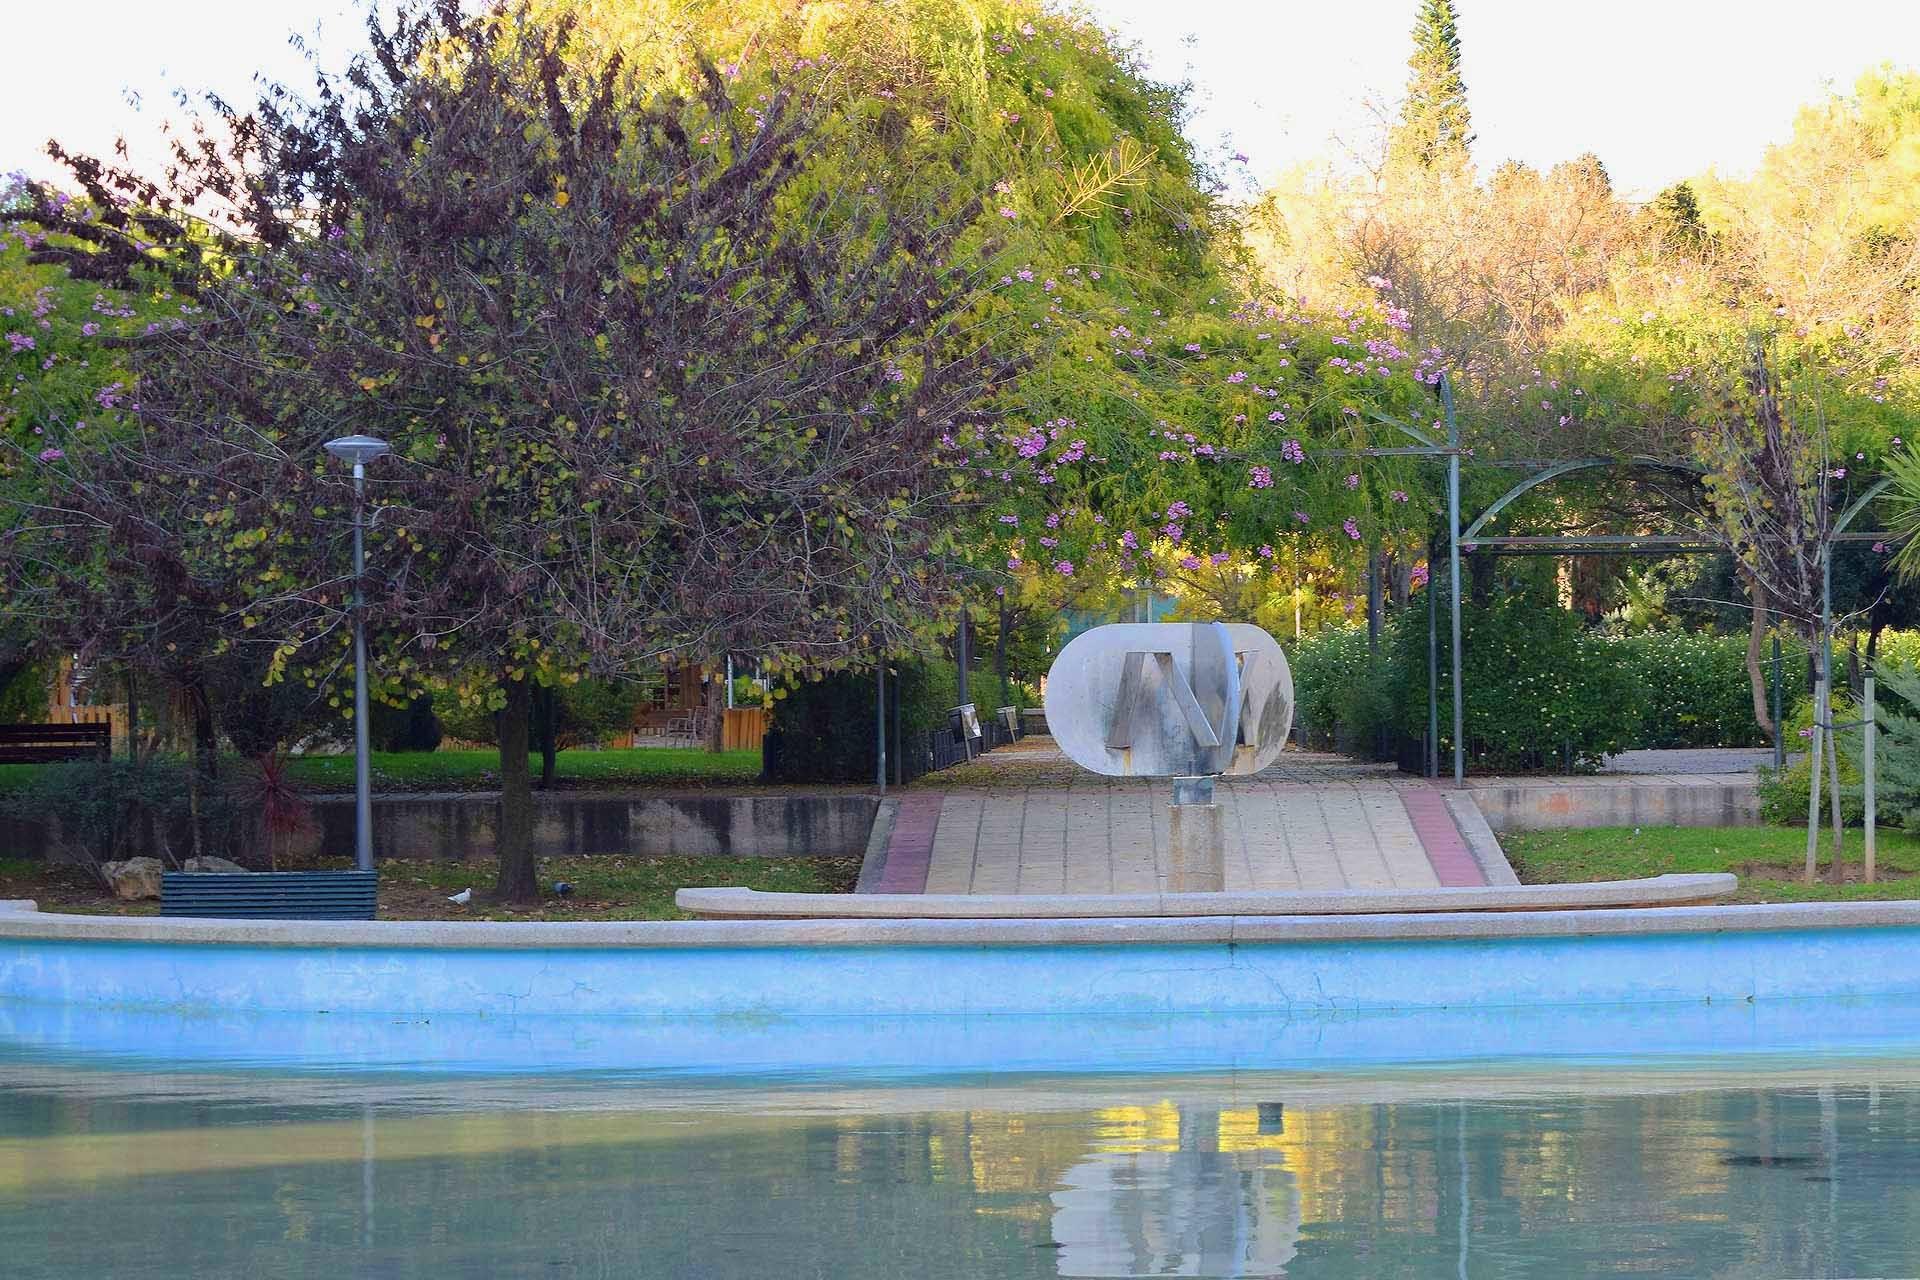 Parc De Ses Fonts Sculpture